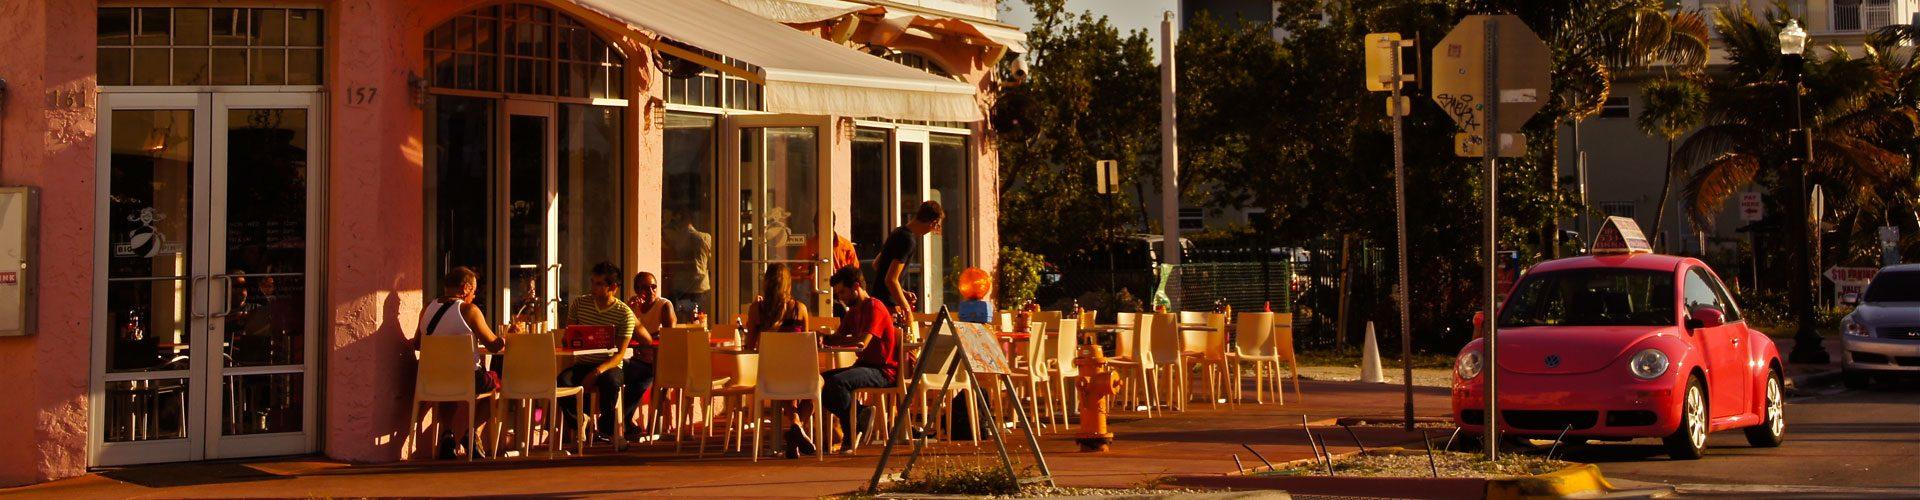 Kurzer Halt im Restaurant in Miami, Florida